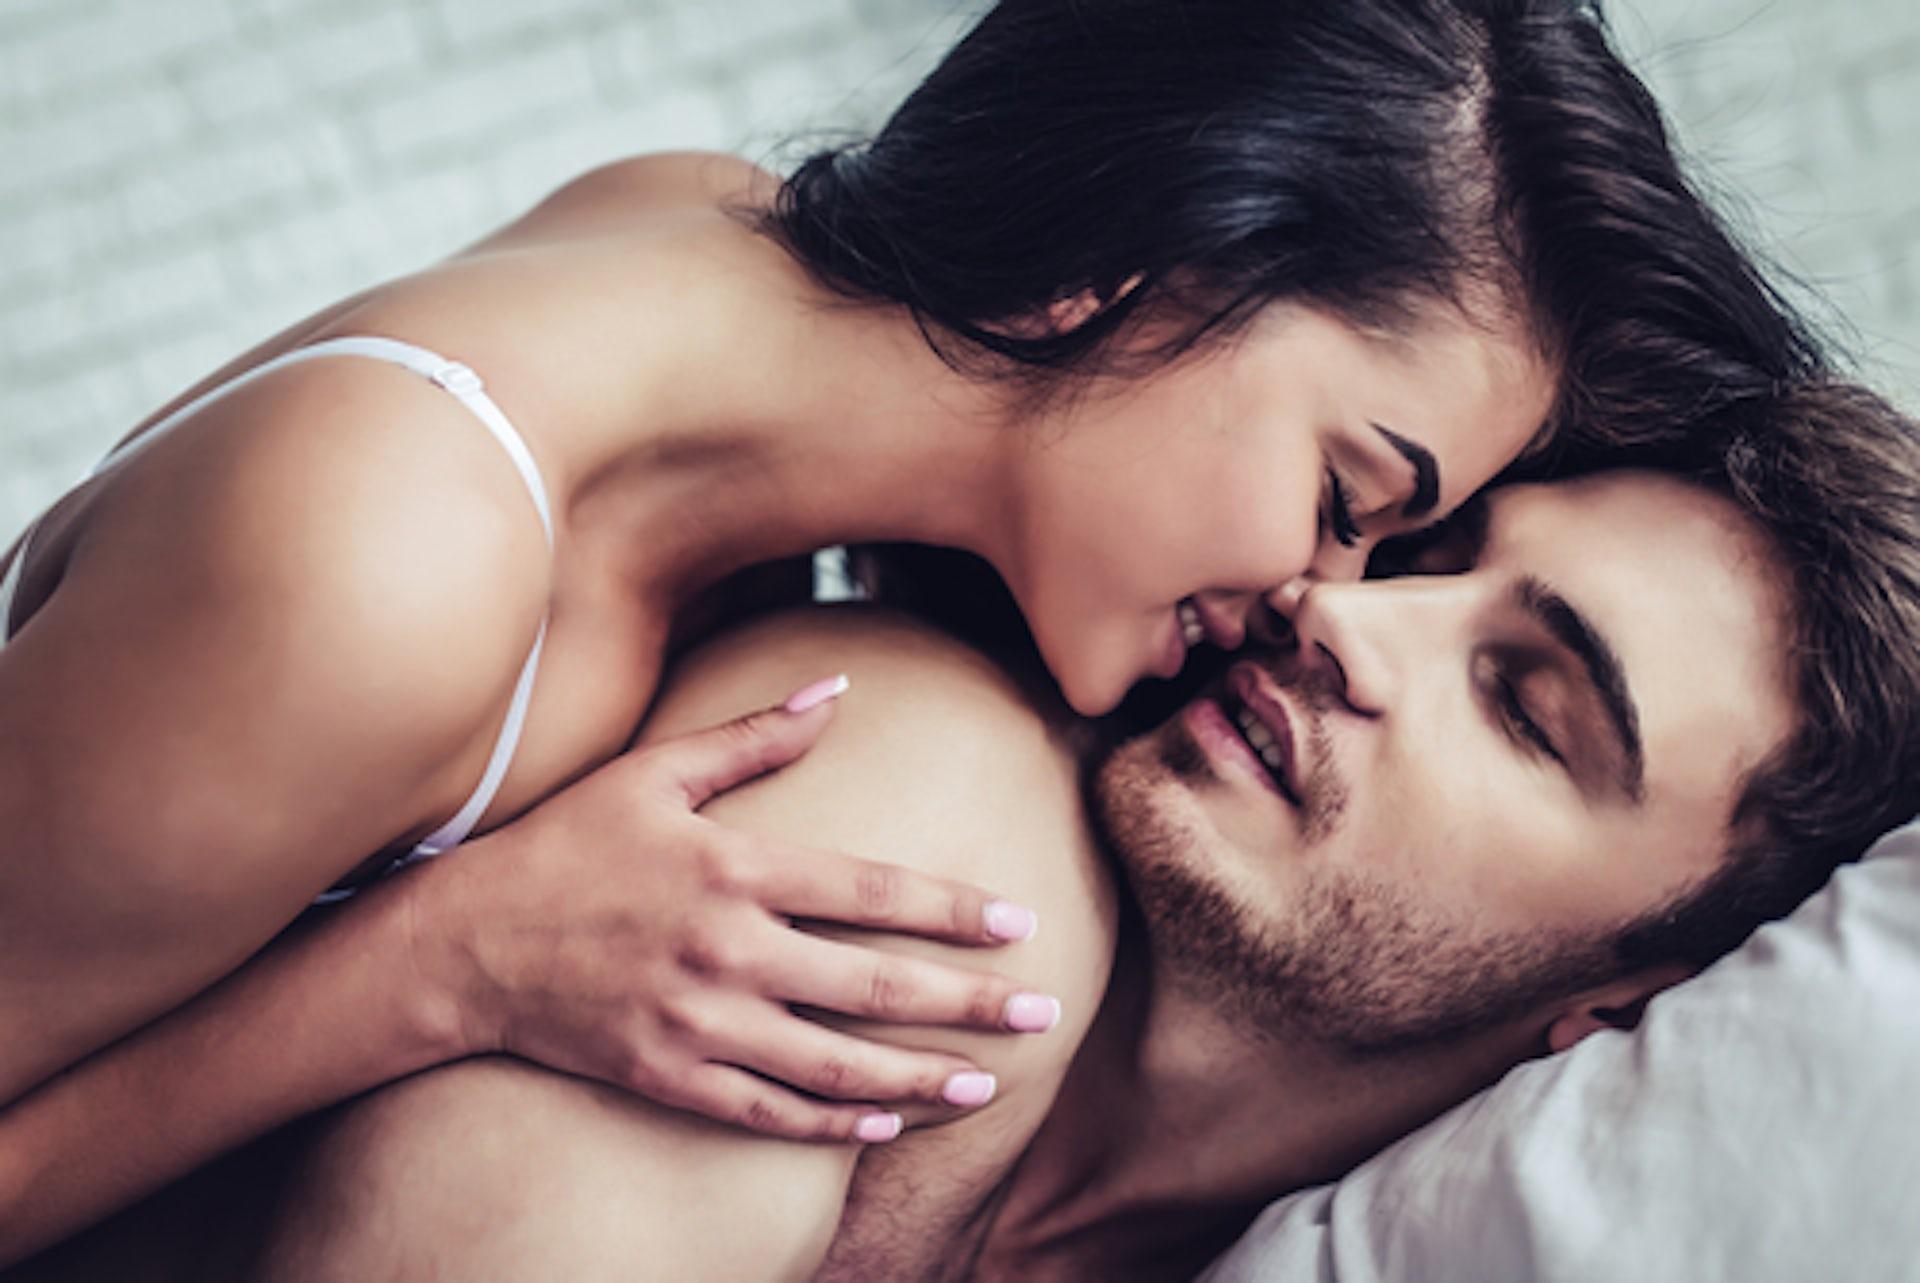 Sex keeps a man healthy